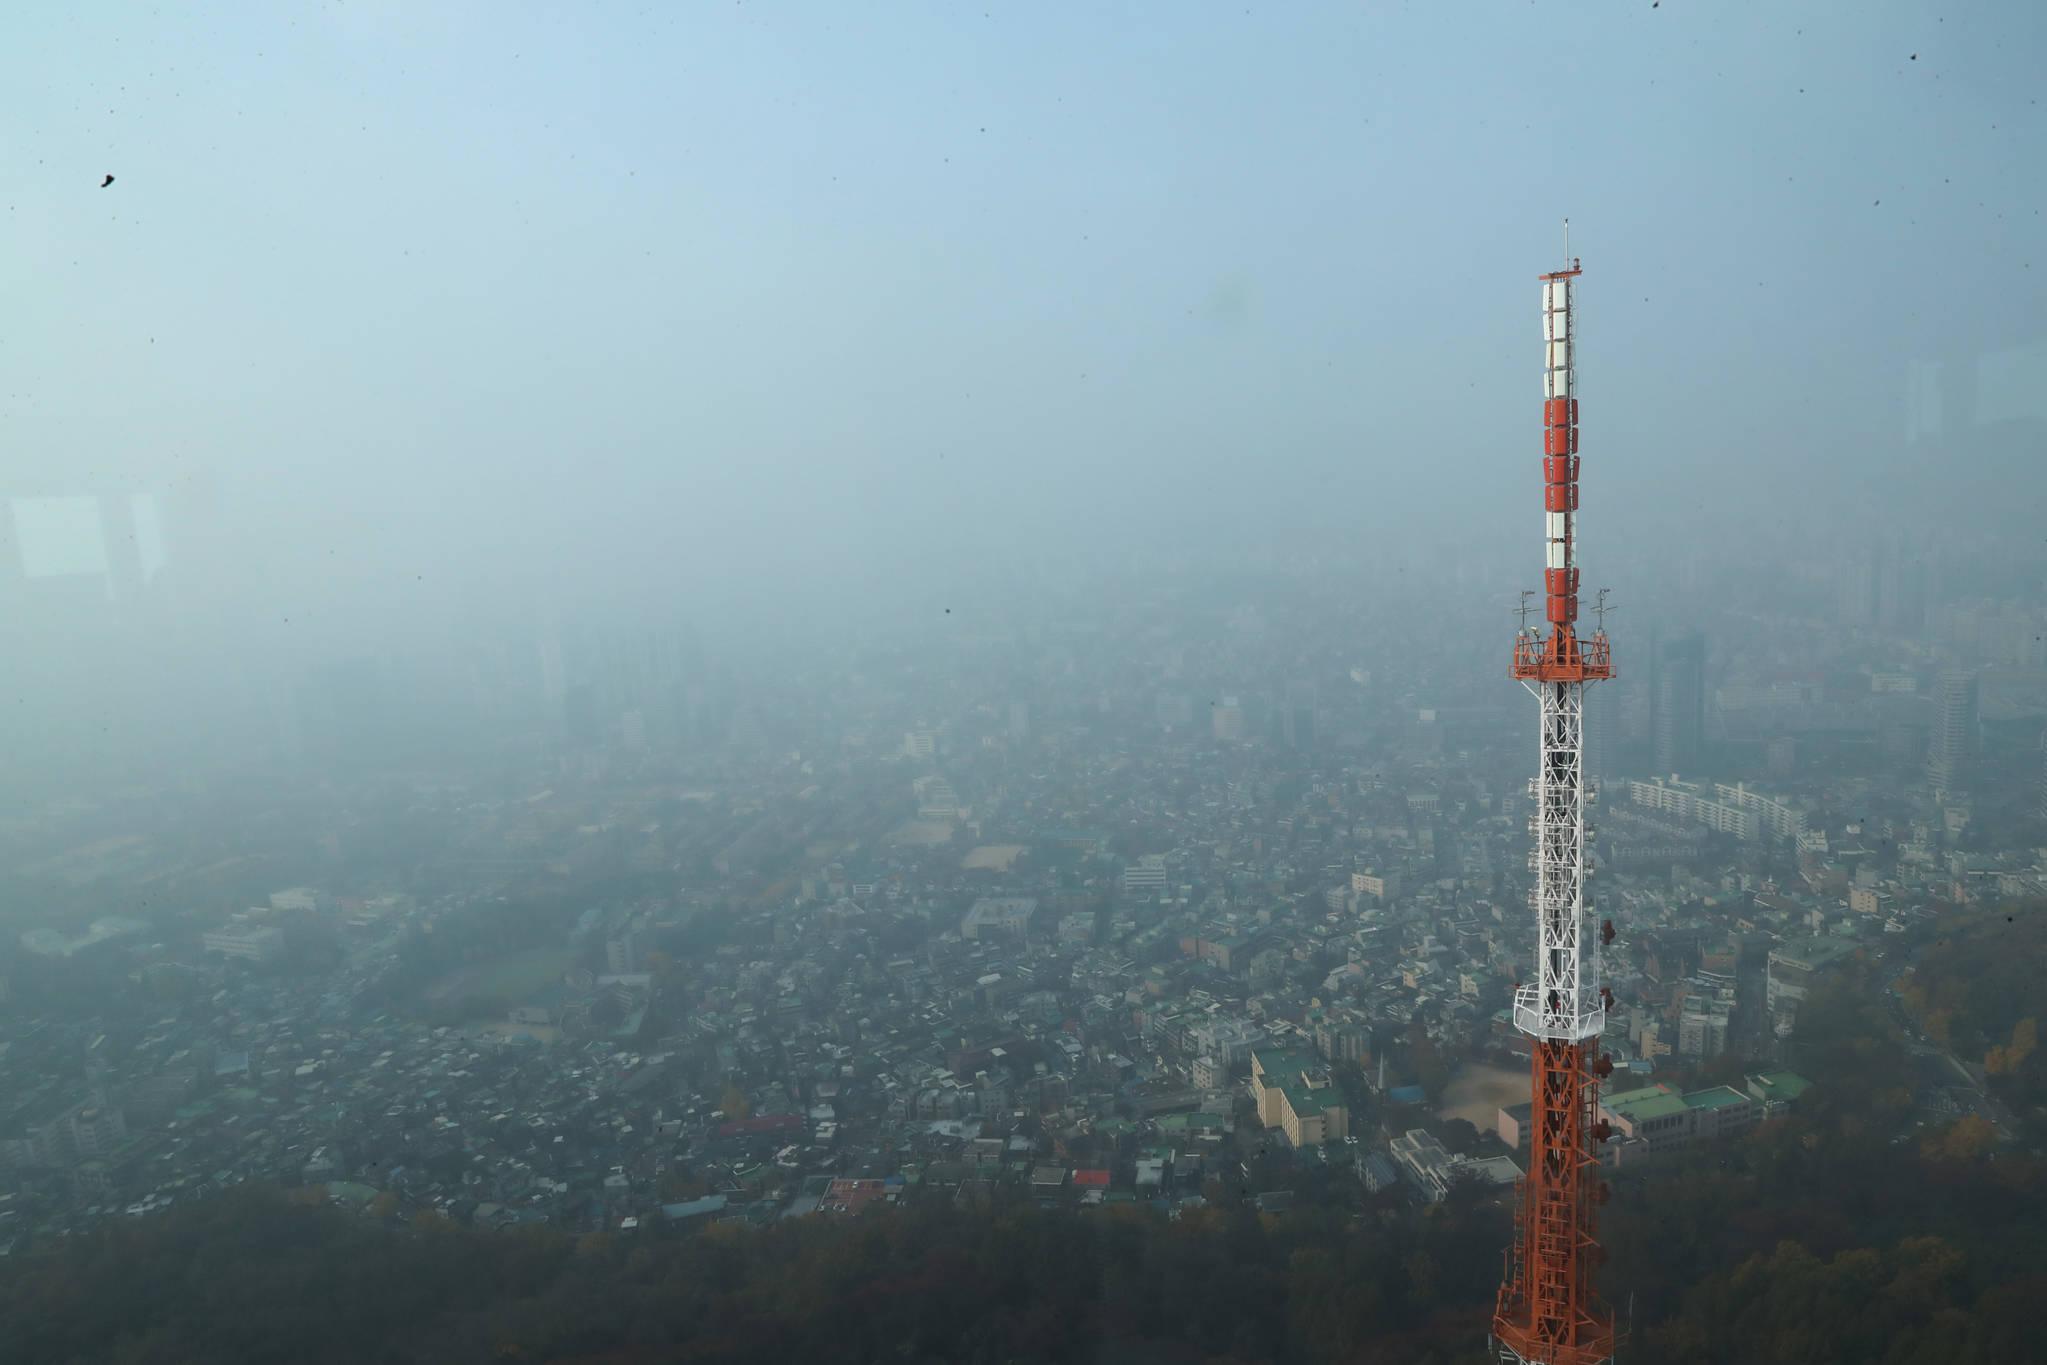 남산에서 내려다본 서울 시내가 미세먼지로 뒤덮여 있다. 크리스마스 연휴기간인 23일과 24일 중부지방을 중심으로 미세먼지 농도가 높을 것으로 국립환경과학원이 예보했다. [중앙포토]